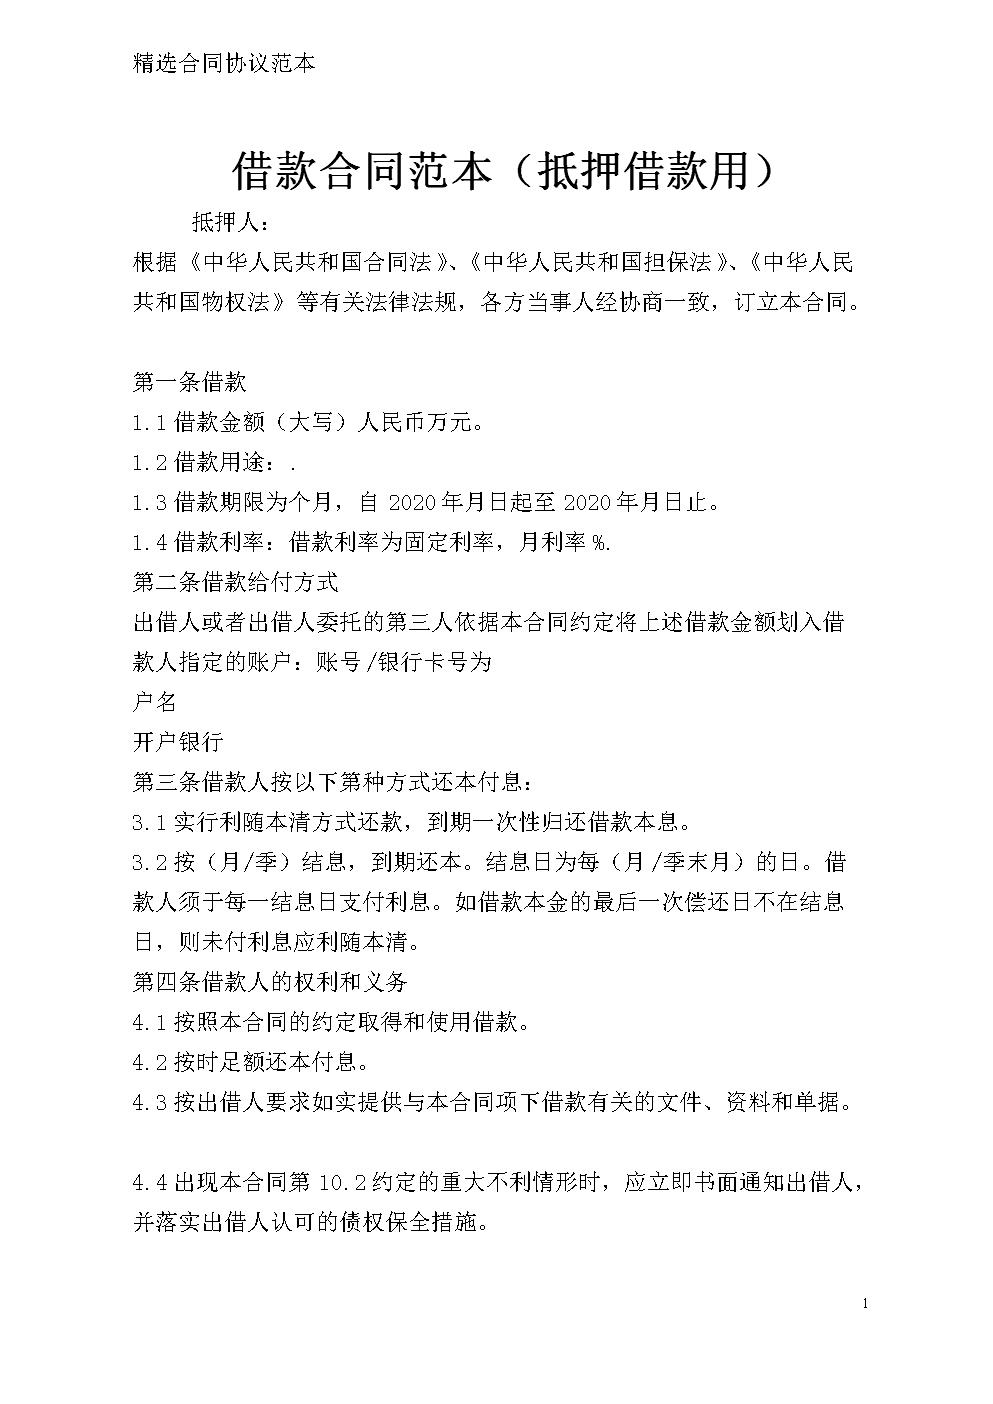 借款合同样本模板(抵押借款用).doc